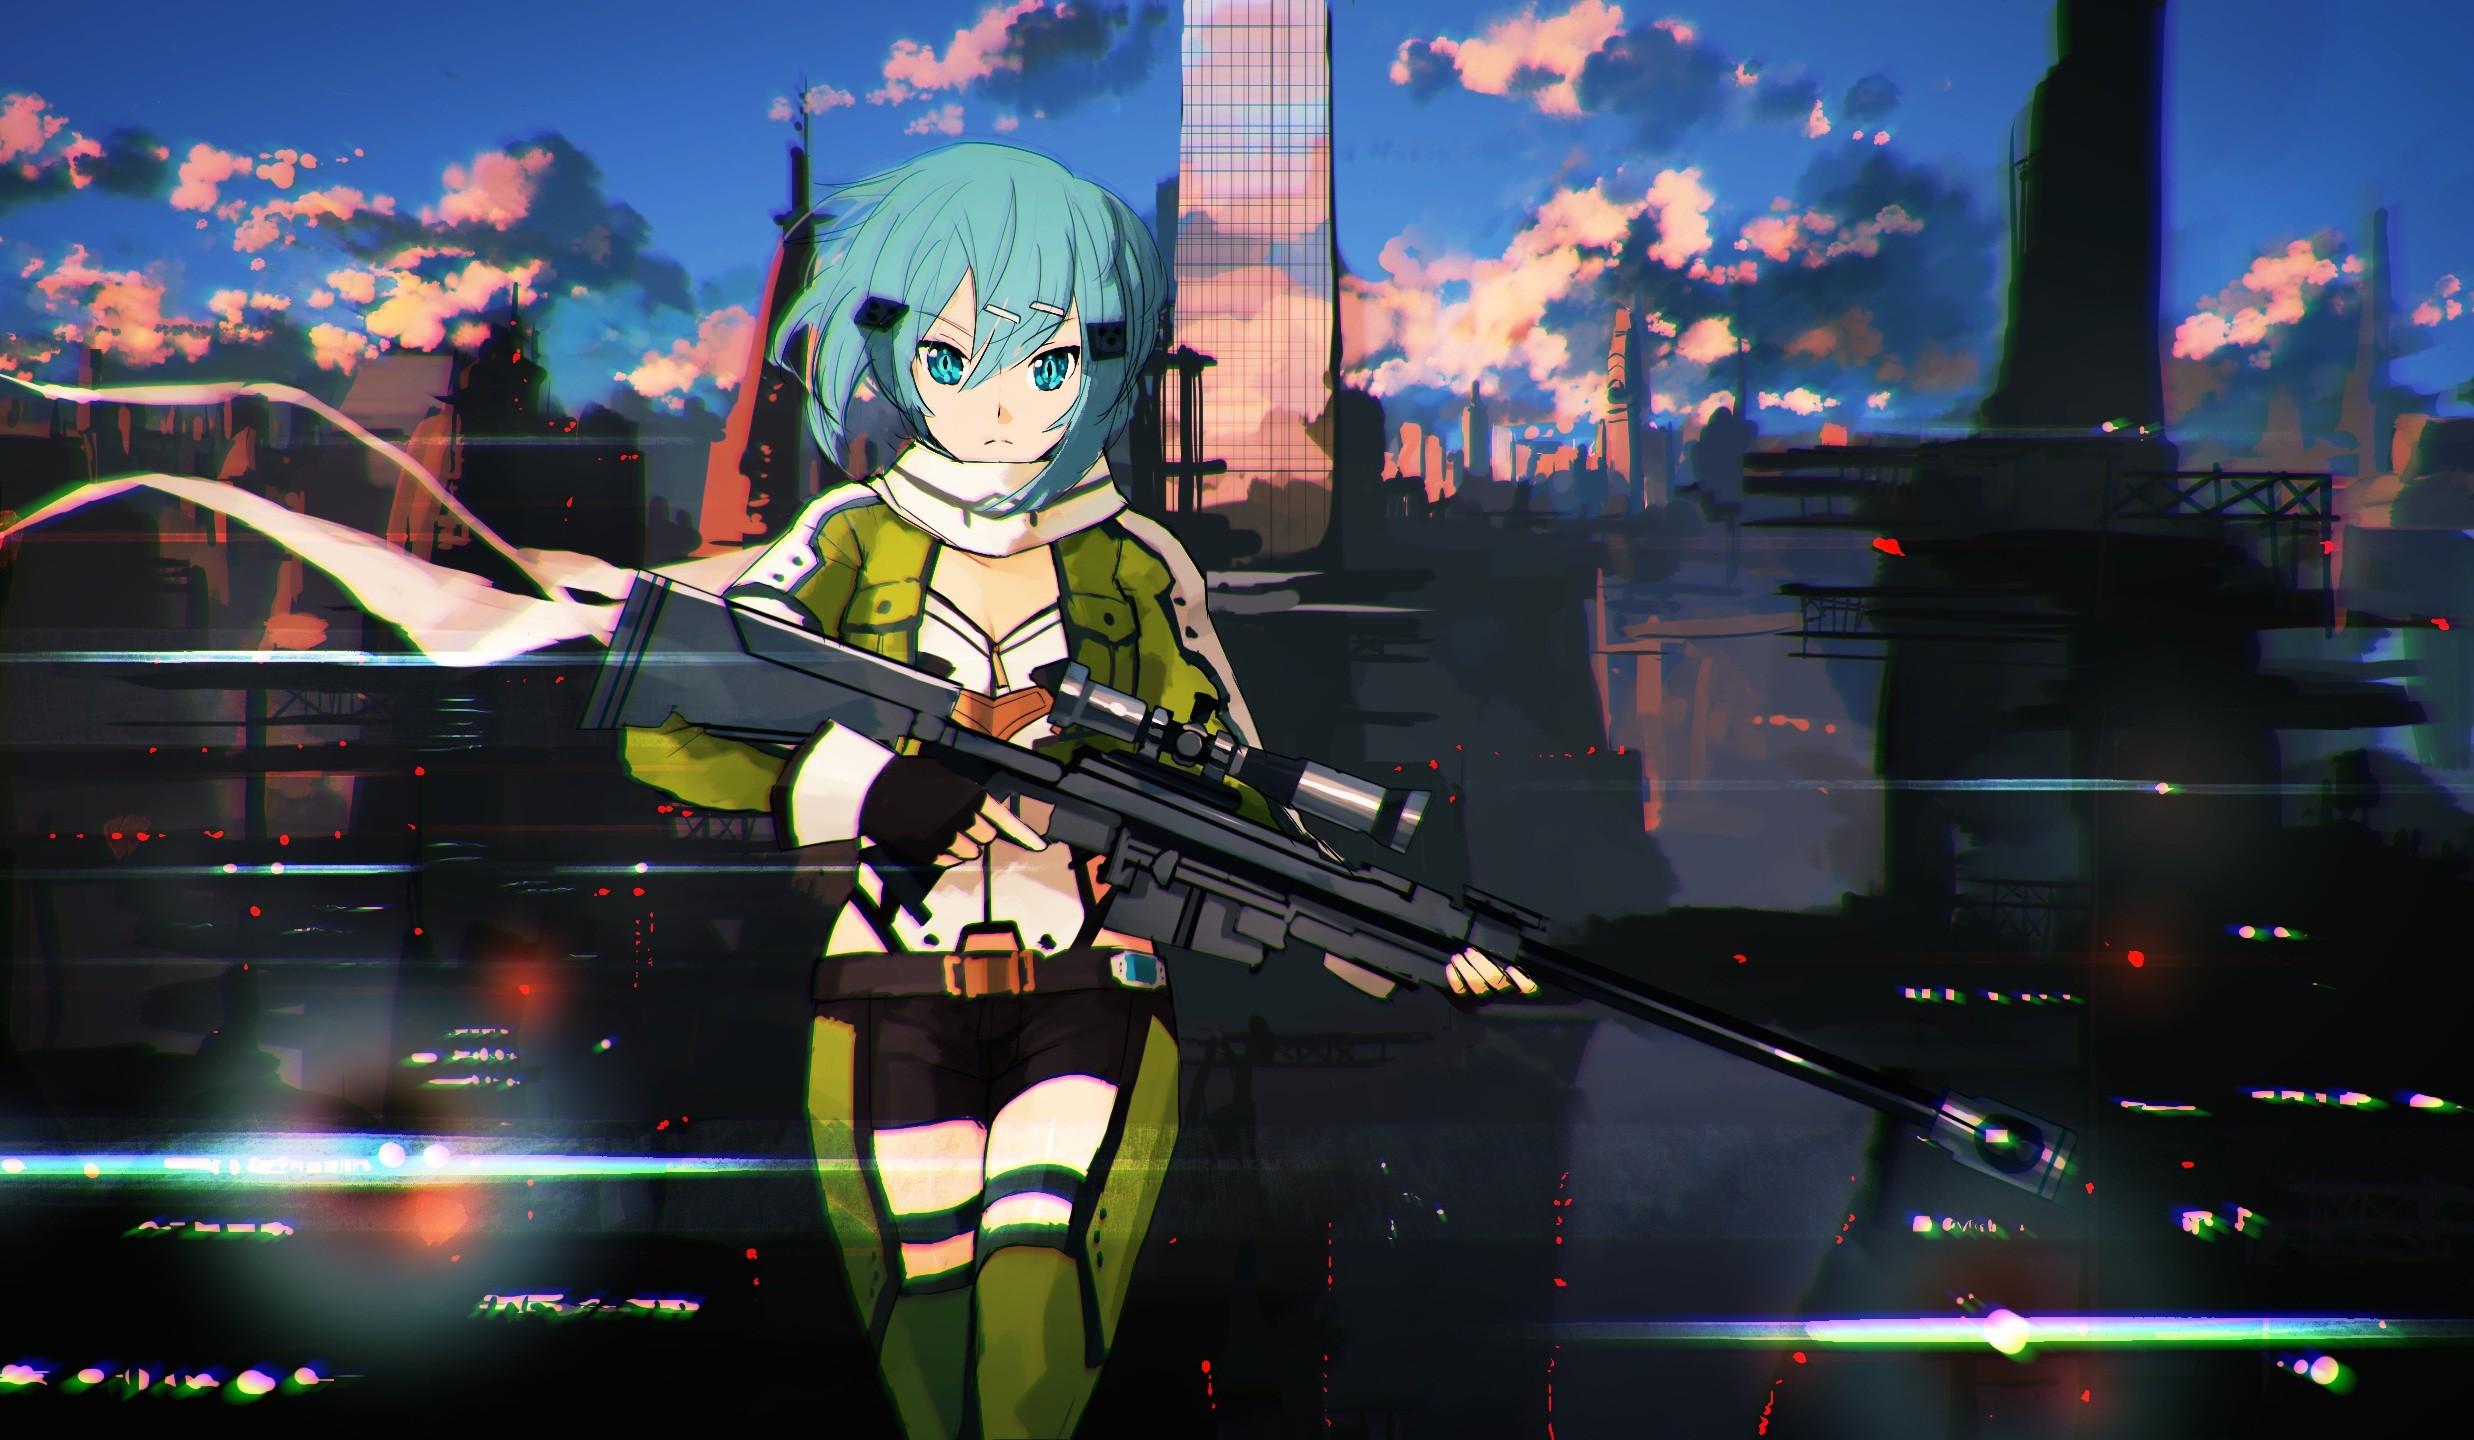 Fondos de pantalla anime chicas anime arte de espada - Fondos de pantalla para pc 4k anime ...